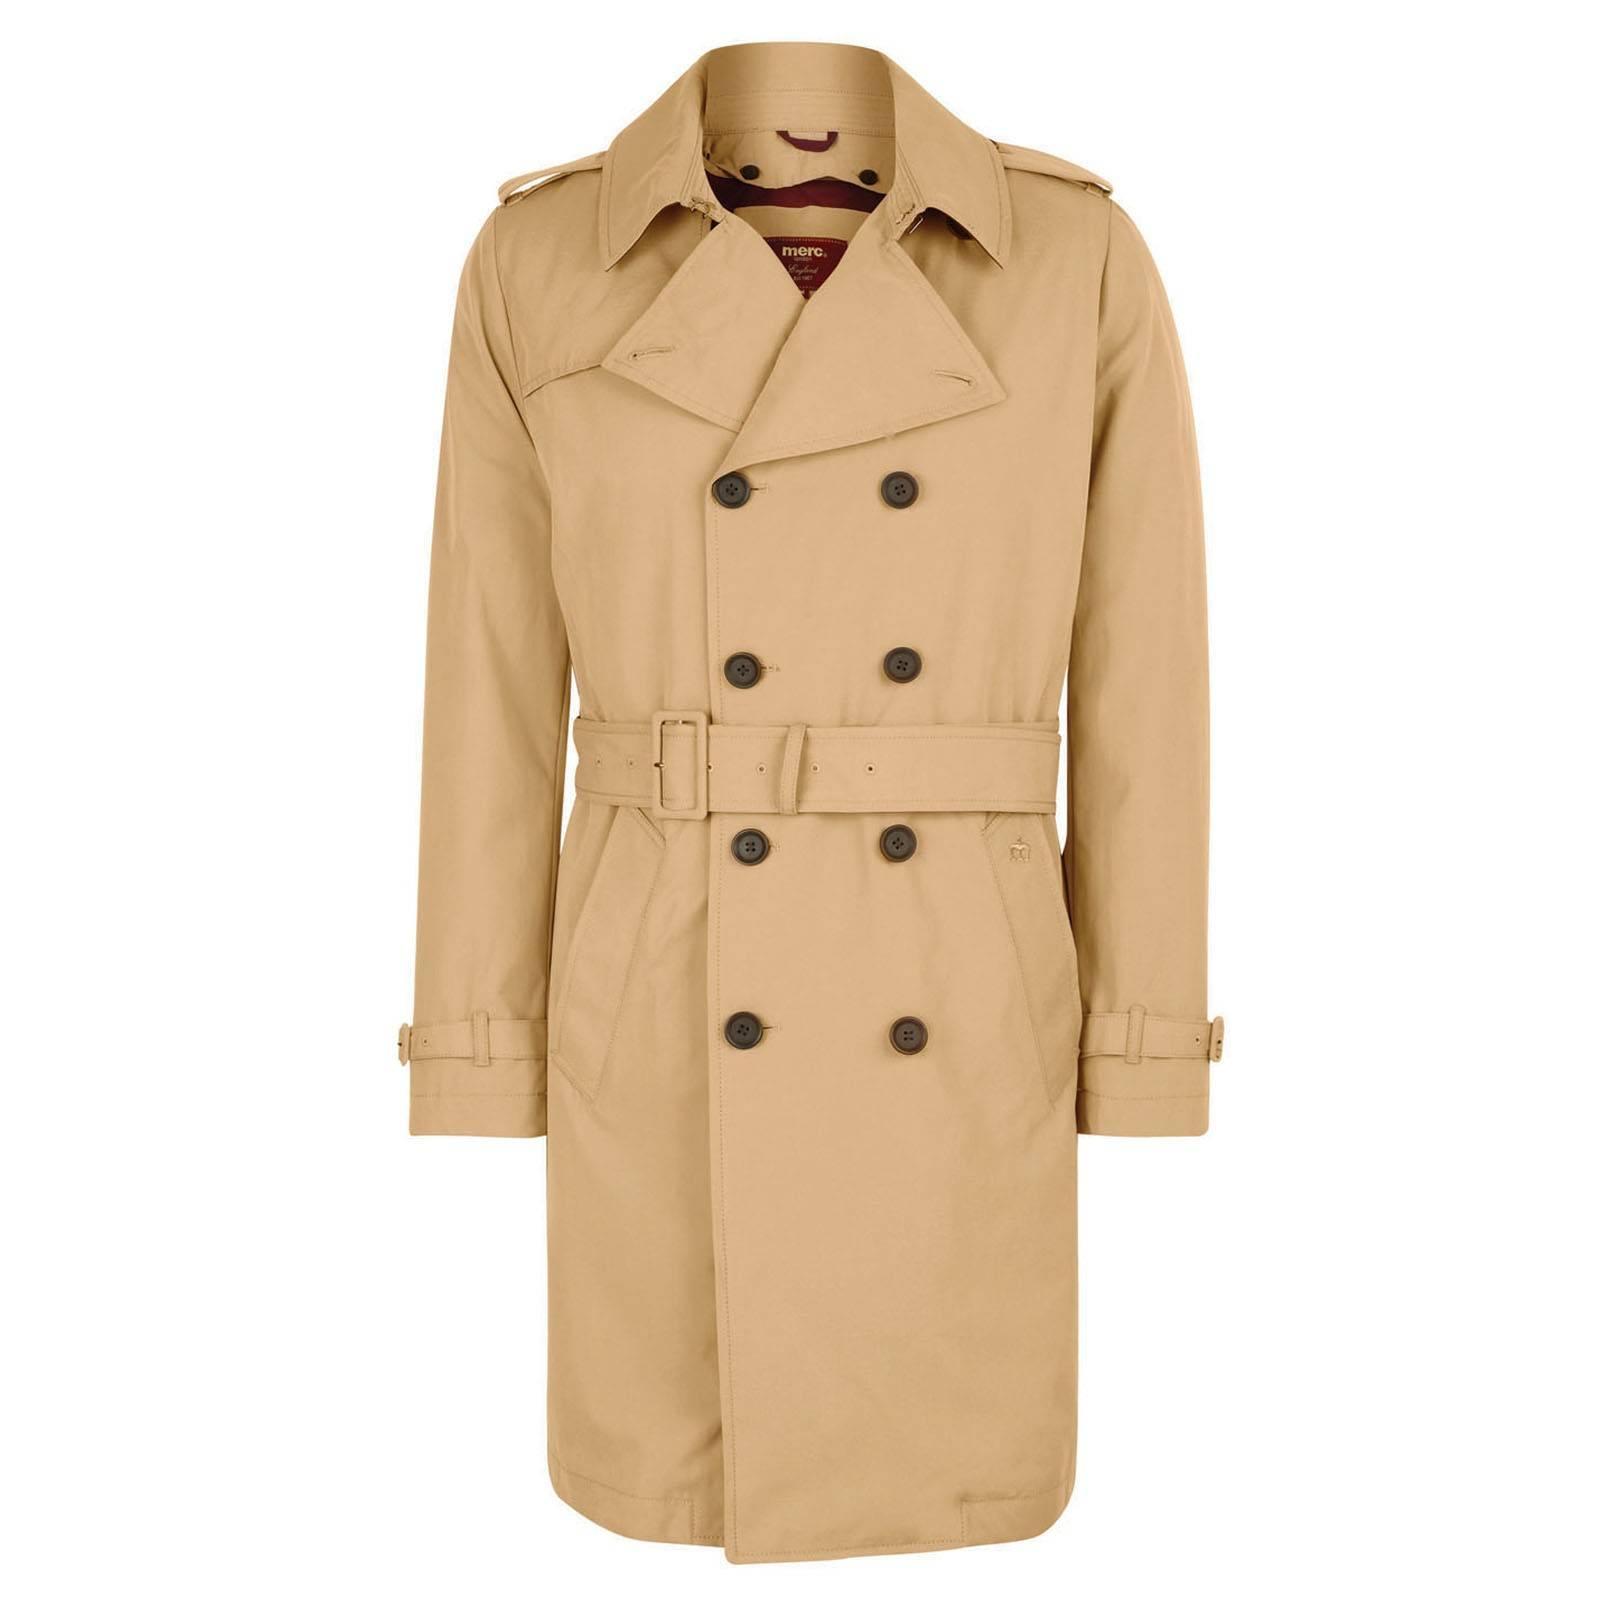 Тренчкот MulliganВерхняя одежда<br>Классический мужской тренчкот - непромокаемый двубортный плащ с поясом, широким отложным воротником, затягивающимися ремешками на рукавах и погонами - переосмысление легендарной исторической модели траншейного пальто в аутентичном дизайне, дополненном современными деталями. Традиционный светло-горчичный цвет подчеркивает благородную английскую родословную этого превосходного тренча. Стеганая подкладка темно-алого цвета утеплена тонкой прослойкой синтепона и является съемной, продлевая сезон использования. Вощеная, водоотталкивающая ткань, двойная кокетка на спине, дополнительный клапан на правом плече, позволяющий надежно запахнуть ворот, а также металлическая застежка на шее служат эффективной защитой от дождя и ветра. Контрастная, в цвет подкладки, отделка внутренней части воротника добавляет ему эффекта в поднятом виде. Брендирован фирменными надписями на крупных пуговицах и традиционным логотипом Корона, вышитом на широкой планке левого прорезного кармана. Оснащен двумя внутренними карманами. Идеально сочетается с бордовой рубашкой polka-dot, голубой button-down рубашкой gingham, зауженными синими брюками Sta-Prest, коричневыми или рыжими Челси бутс. Подстёжка: 100% хлопок.<br><br>Артикул: 1113201<br>Материал: 44% хлопок, 39% полиэстер, 17% нейлон<br>Цвет: песочный<br>Пол: Мужской